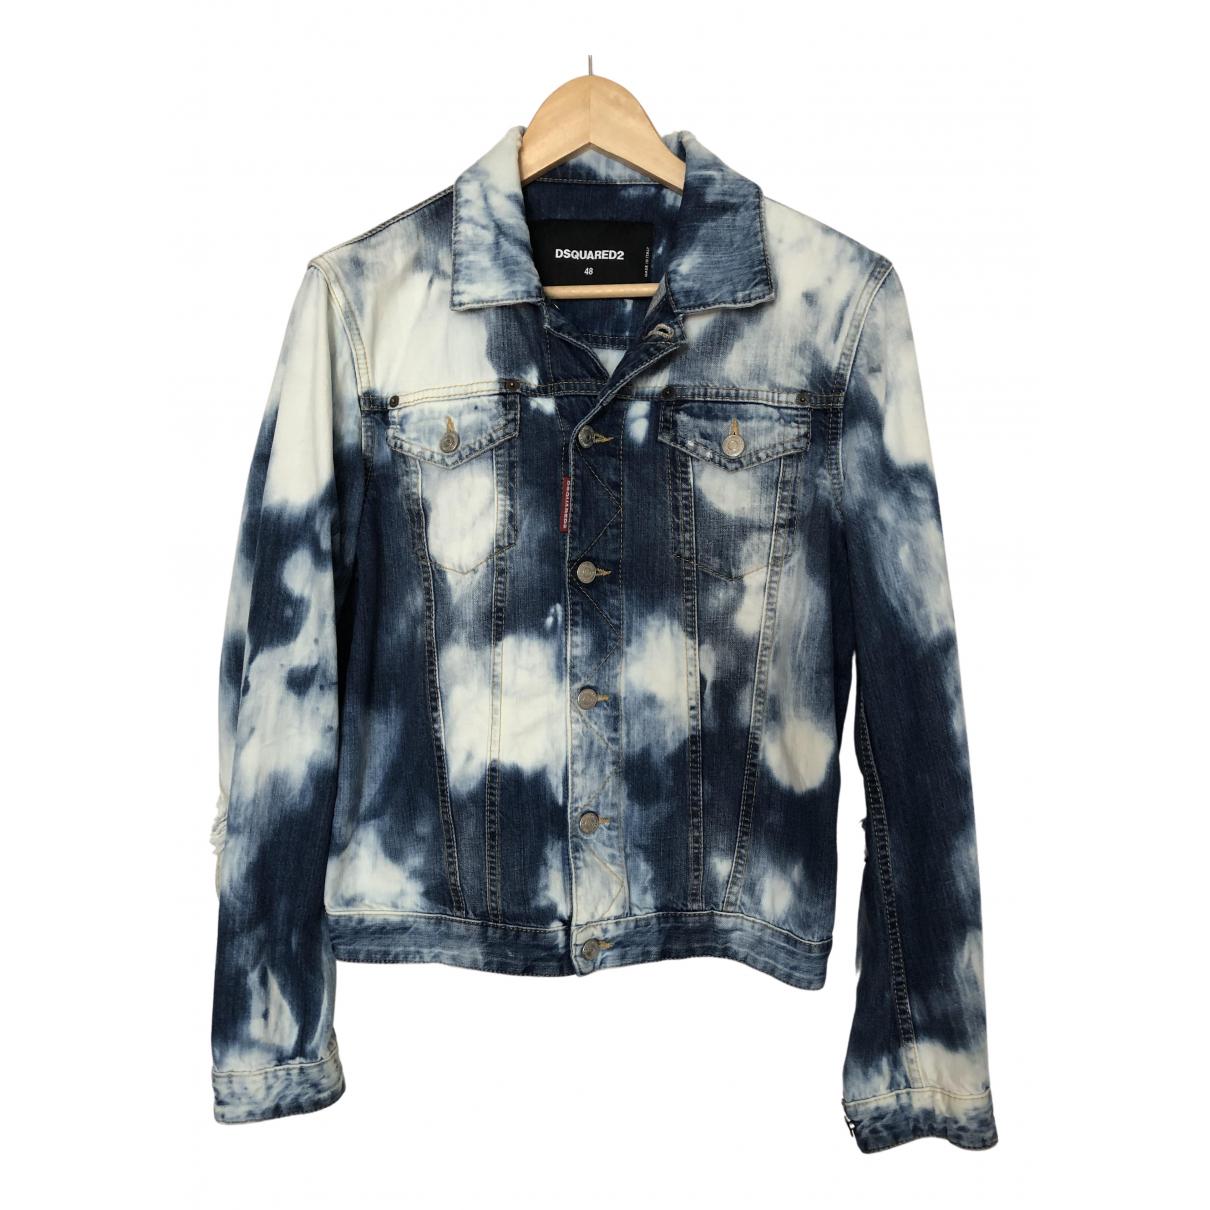 Dsquared2 \N Jacke in  Blau Denim - Jeans